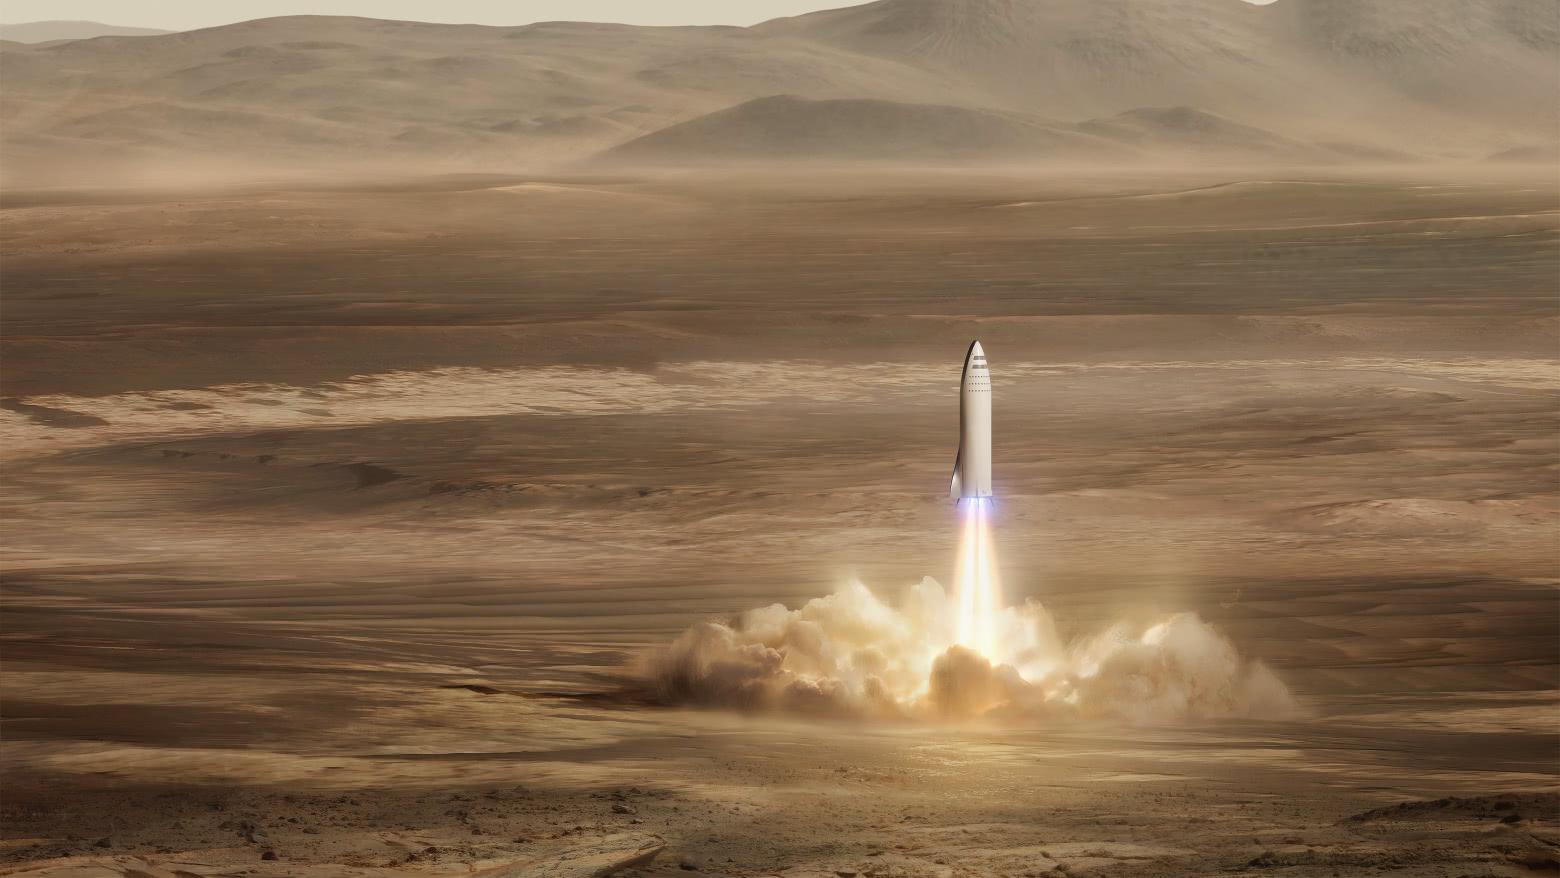 ЦНИИмаш: SpaceX якобы реализует советские разработки. Почему у Илона Маска столько врагов - 1